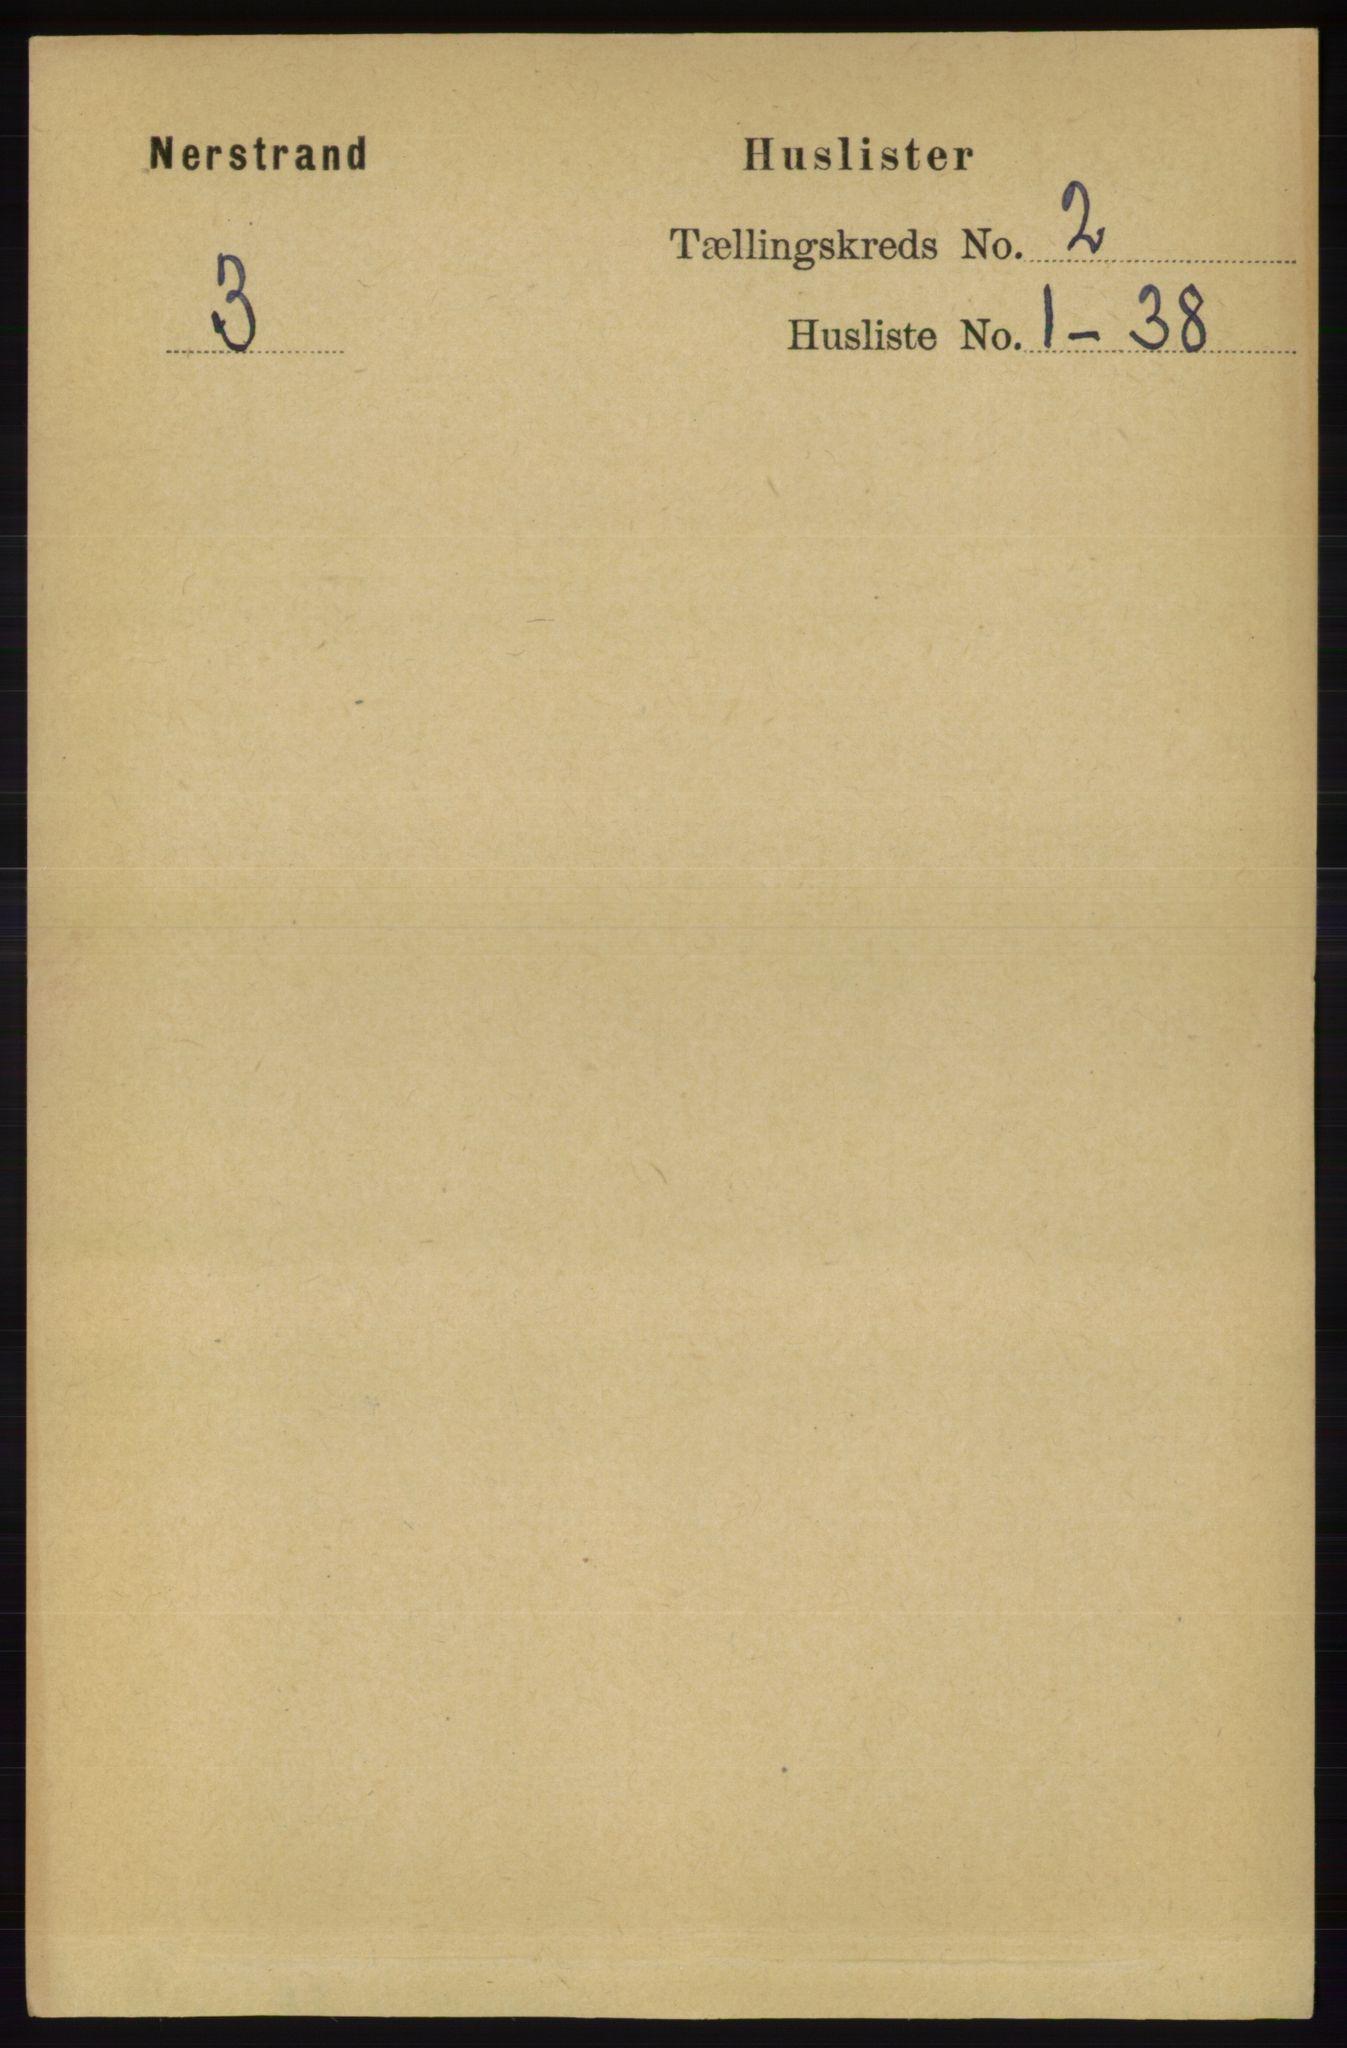 RA, Folketelling 1891 for 1139 Nedstrand herred, 1891, s. 204